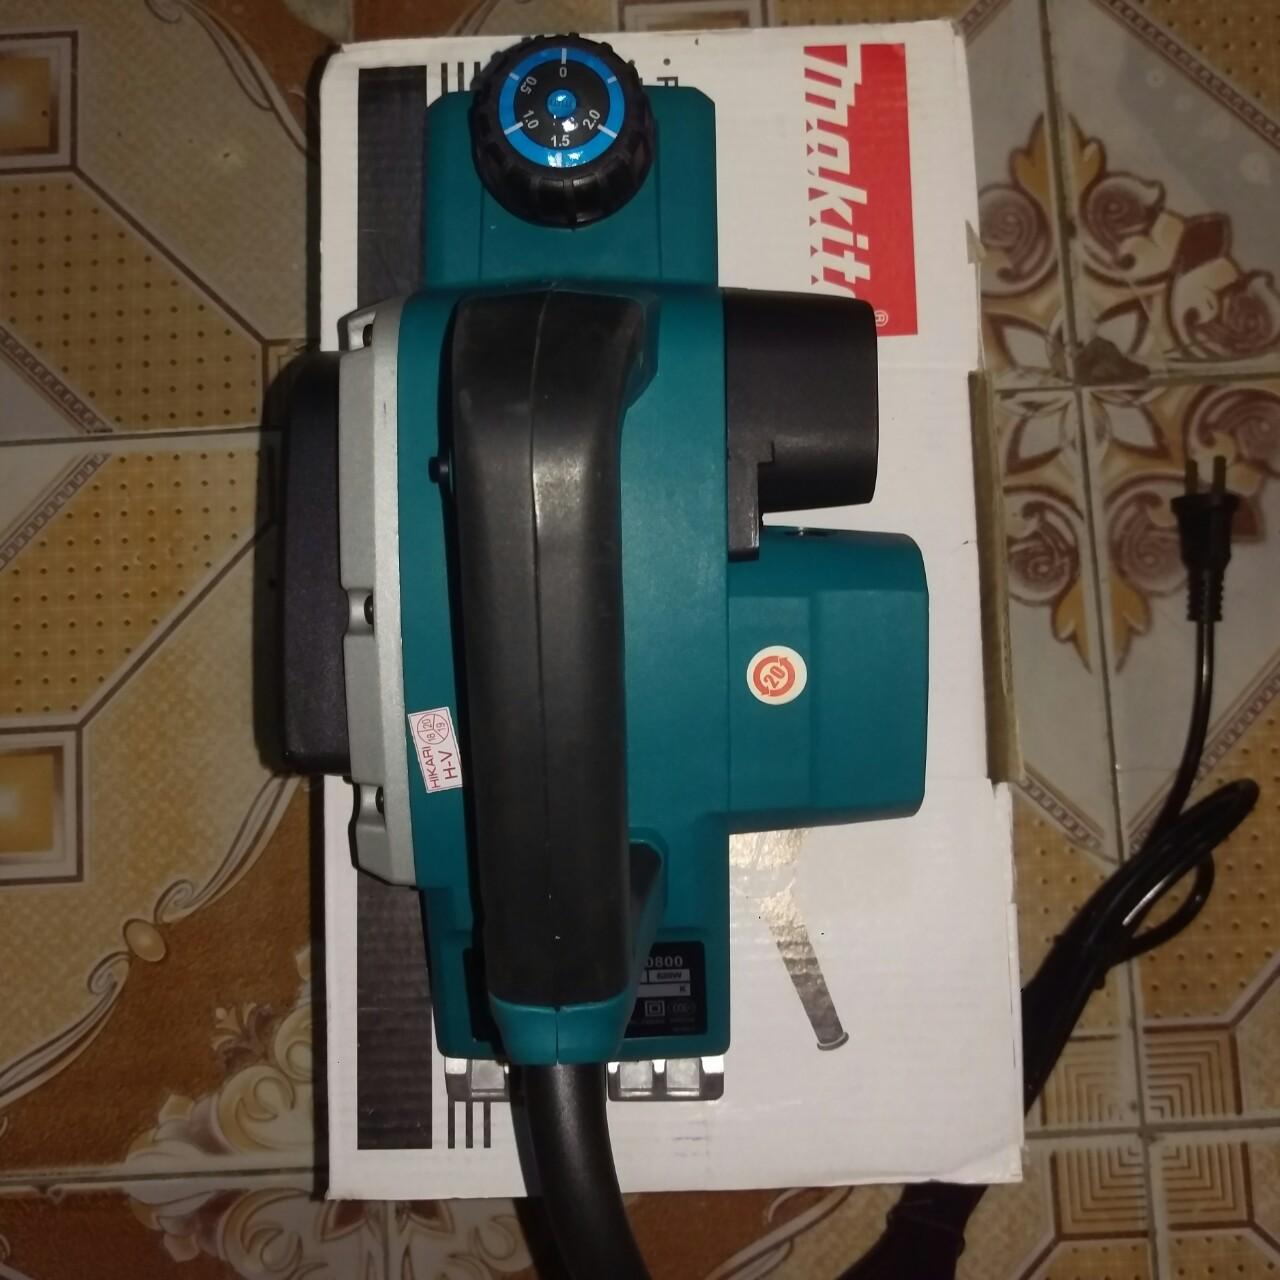 máy bào makita kp0800 tiện dụng